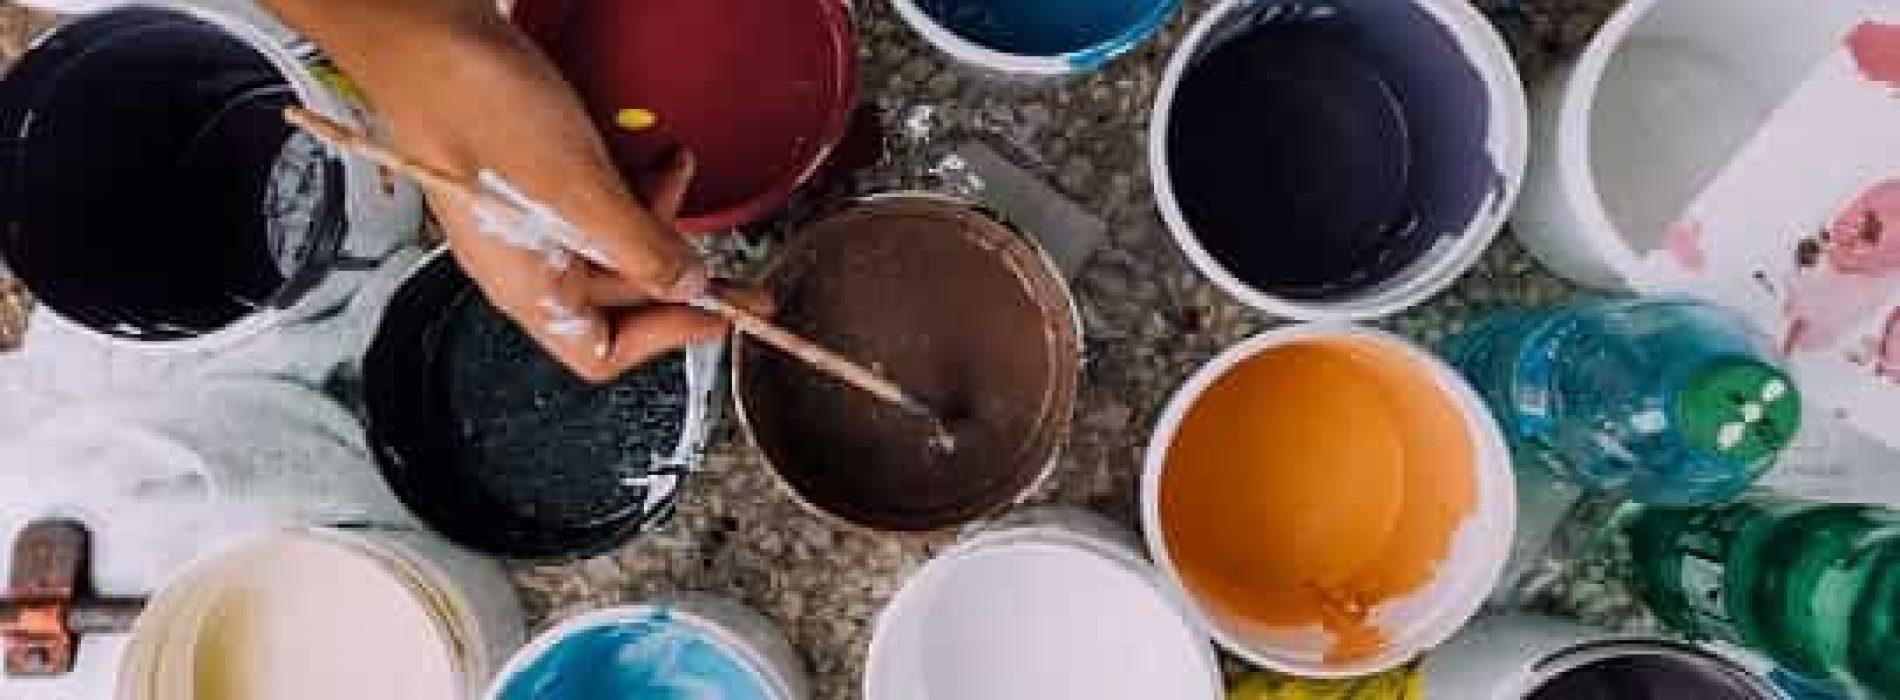 Innendørs maling – hvilke typer finnes?